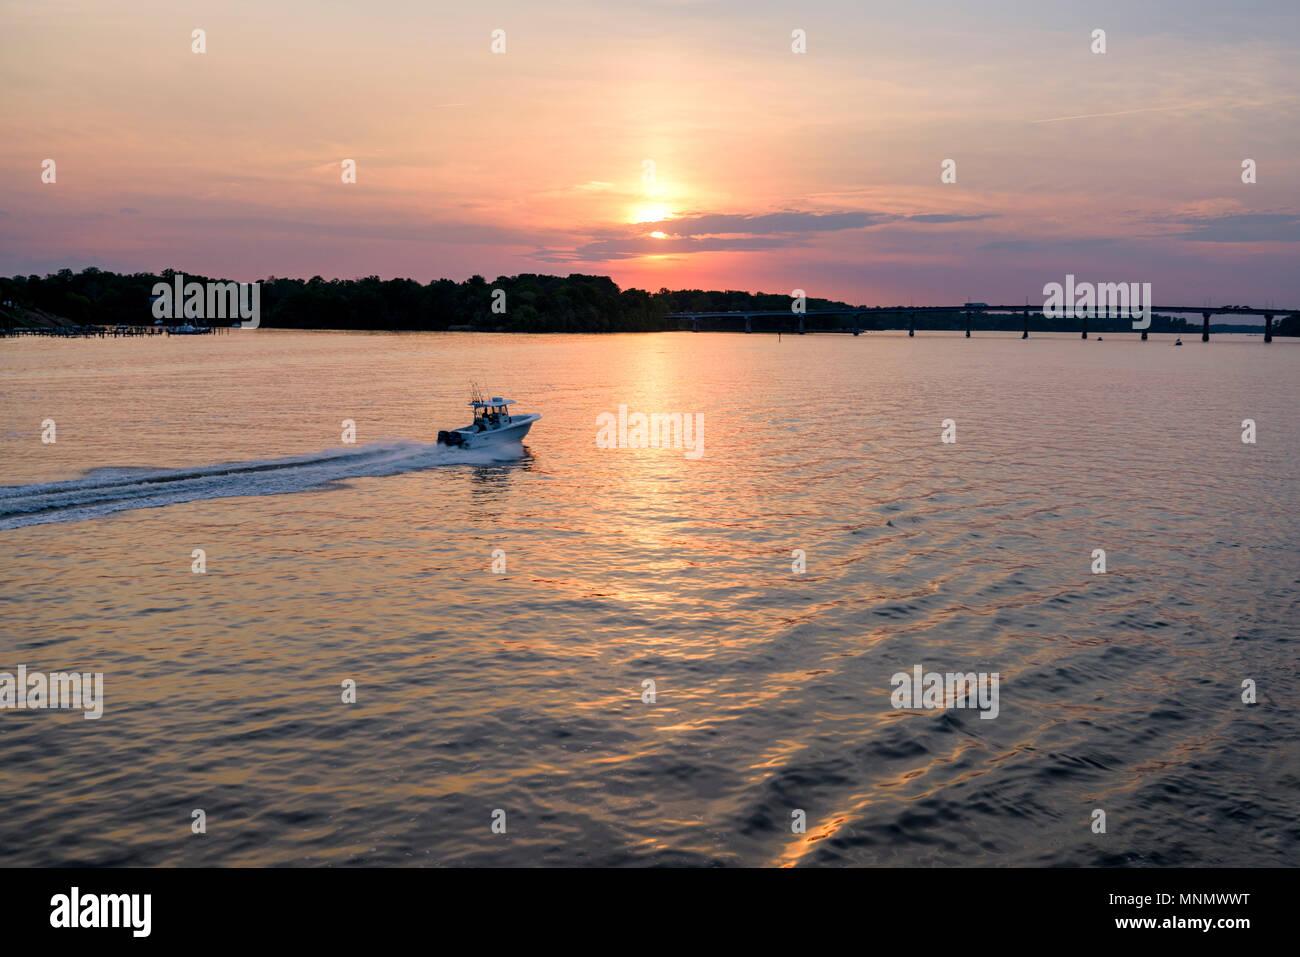 Un hors-bord voyages sur la rivière Severn près d'Annapolis, Maryland. Banque D'Images